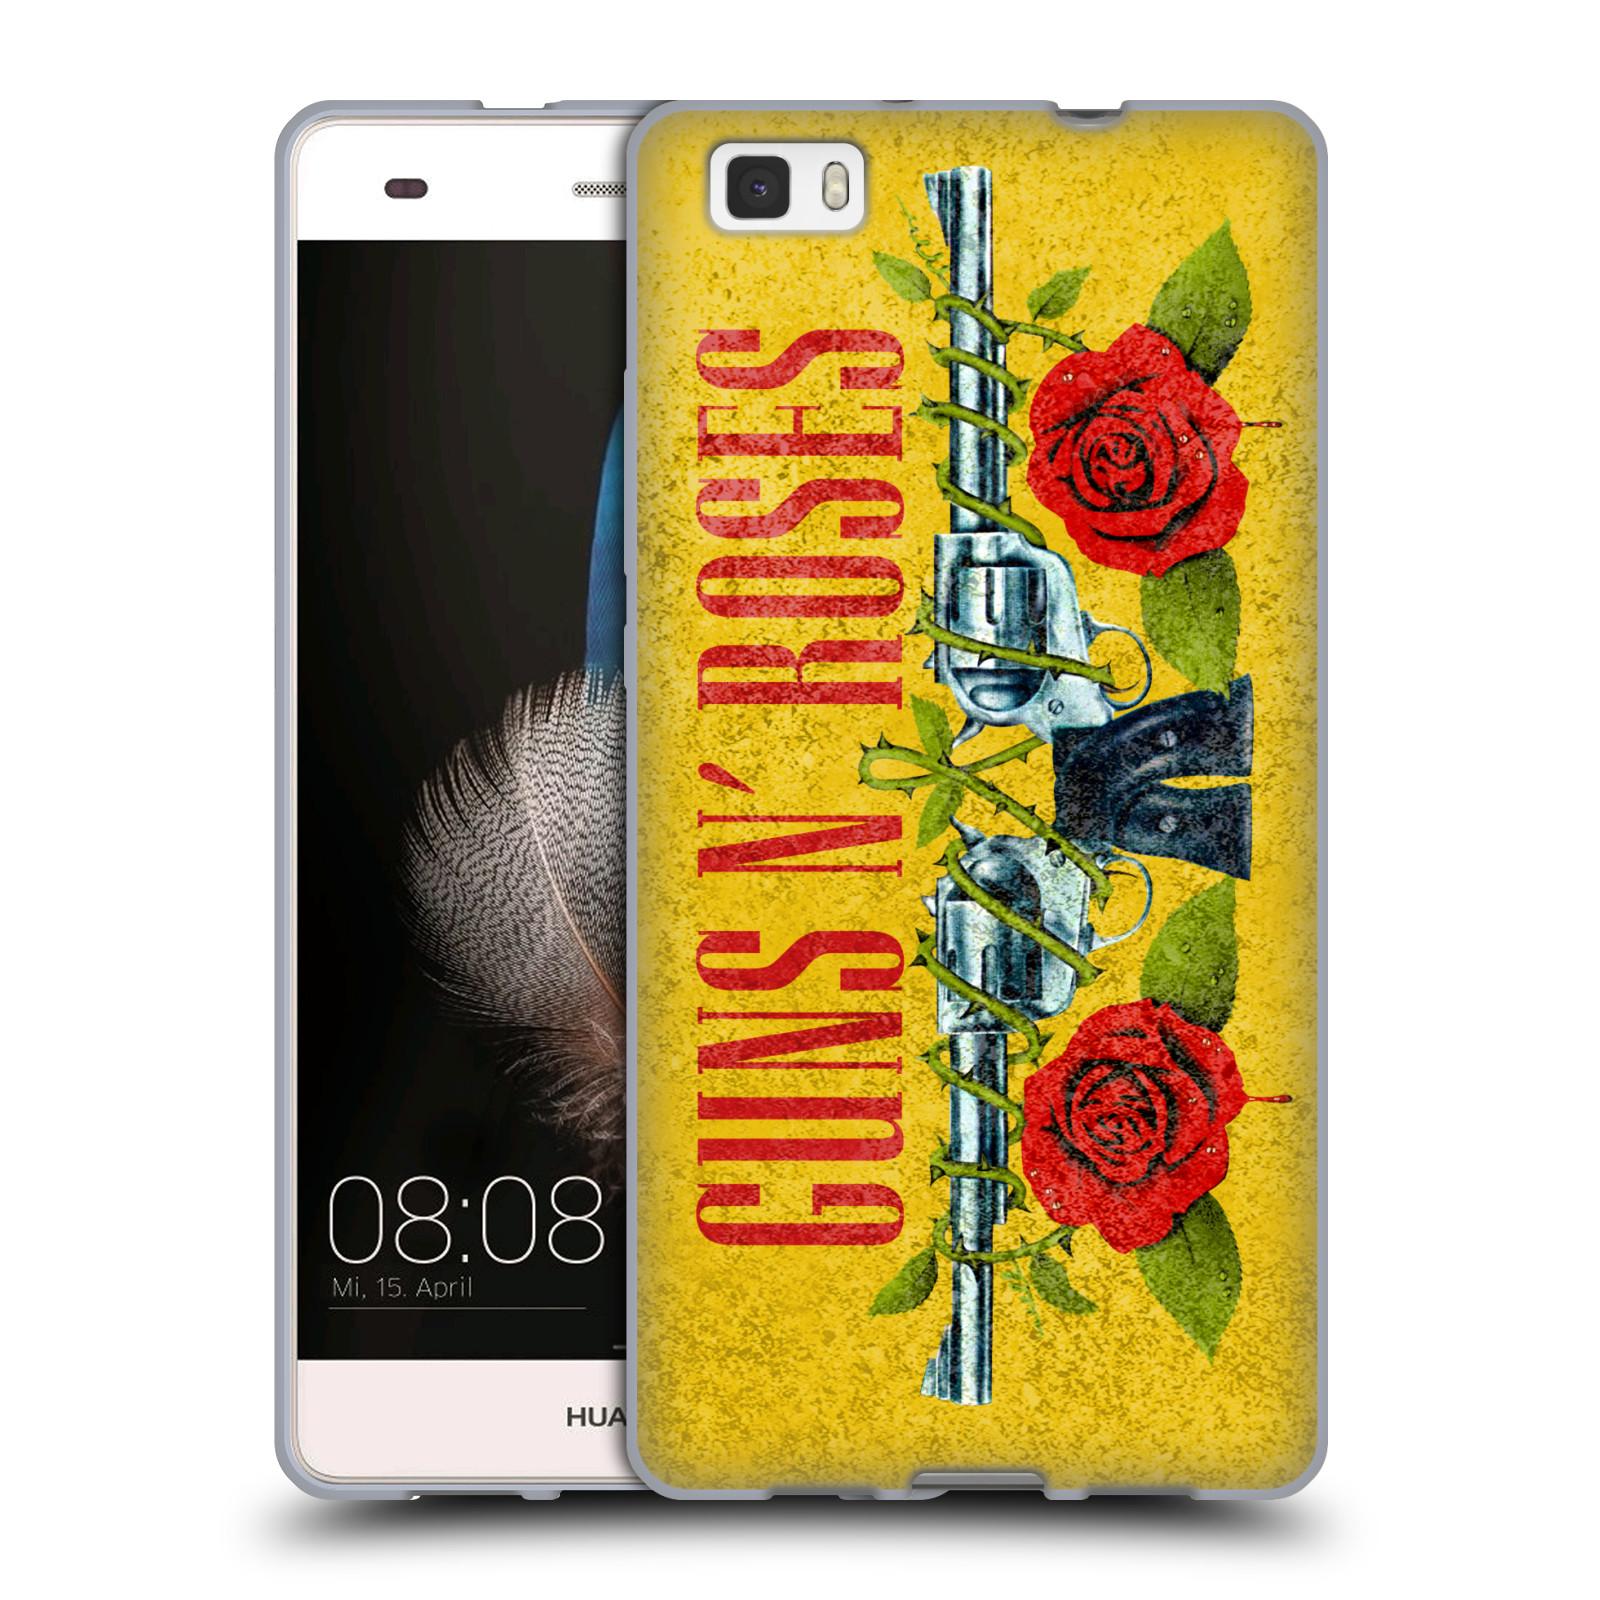 3dad6f1e7 HEAD CASE silikonový obal na mobil Huawei P8 LITE / P8 LITE DUAL SIM  hudební skupina Guns N Roses pistole a růže žluté pozadí